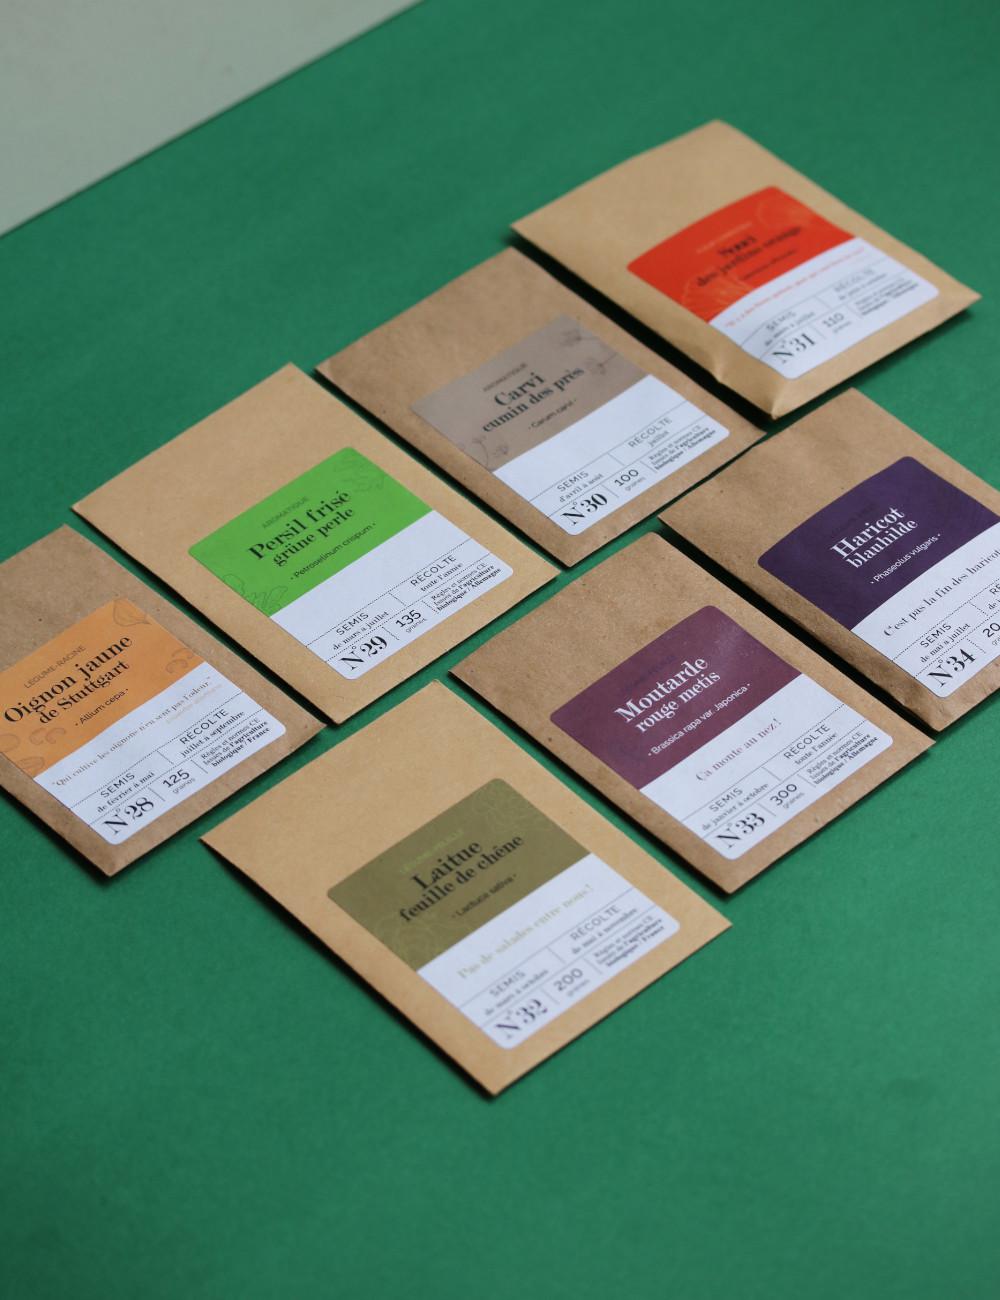 sachet de graines personnalisés en kraft alignés sur une boite en carton : carvi, oignon Stuttgart, souci orange des jardin, haricot blauhilde, moutarde metis, laitue feuille de chene